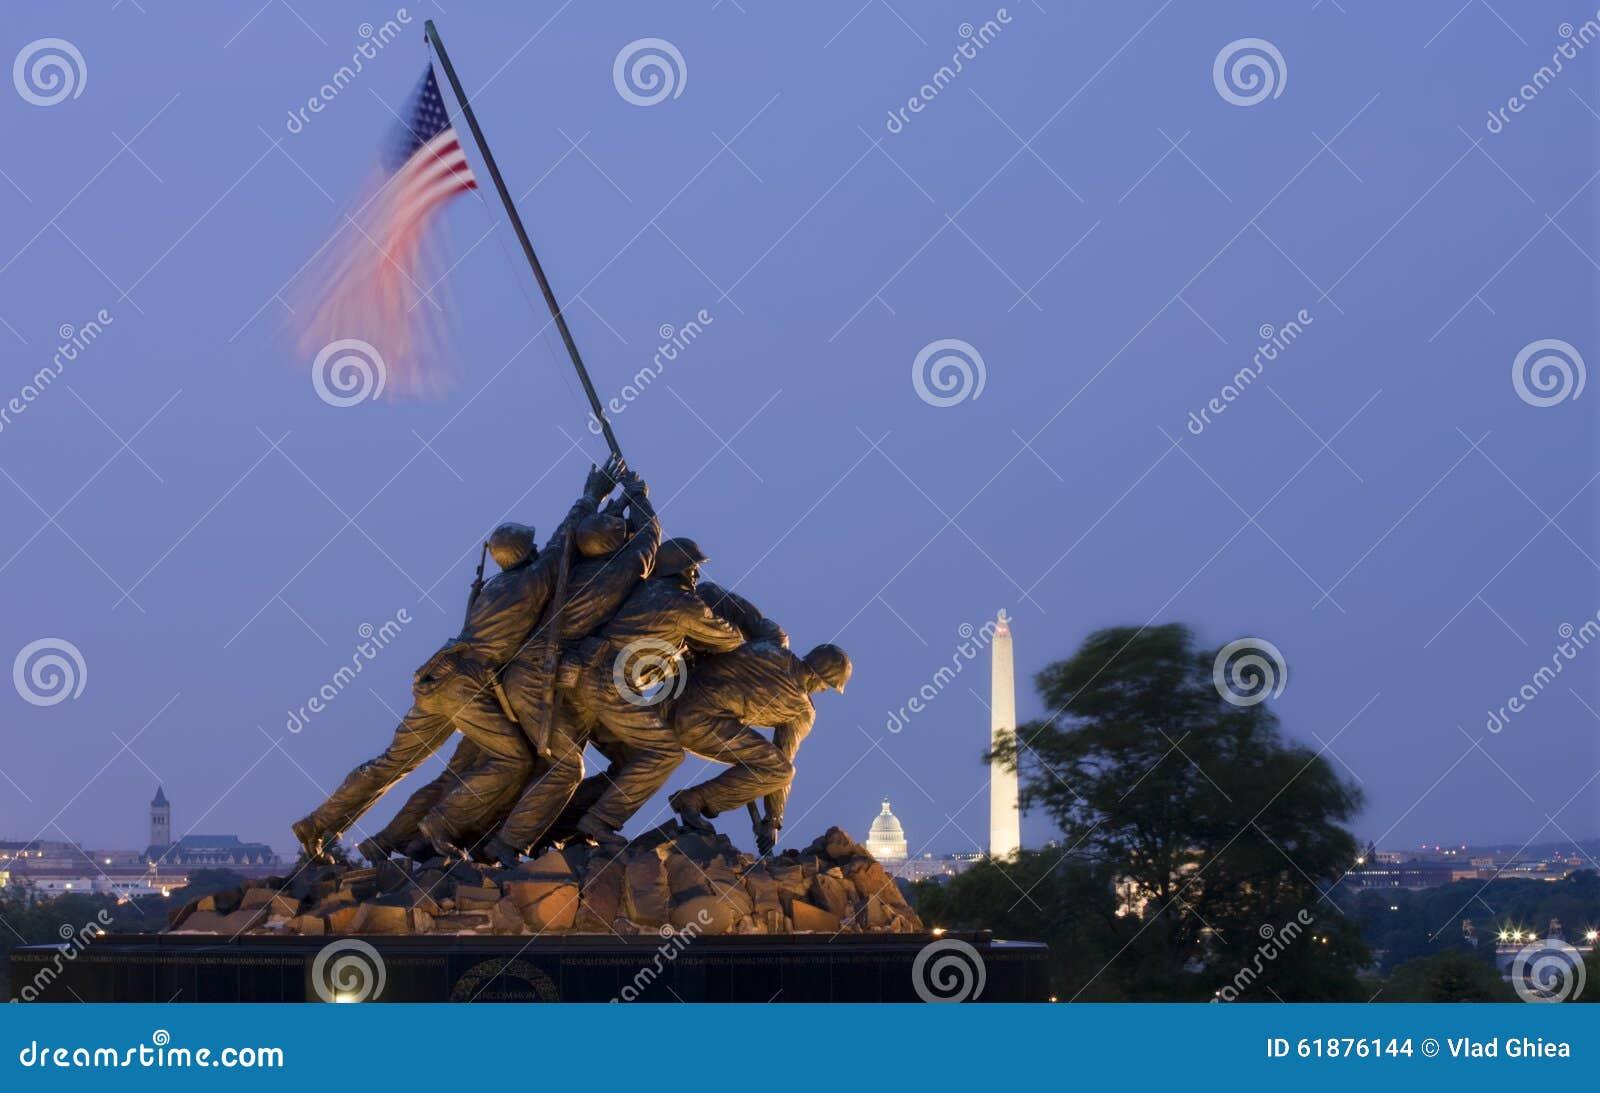 Iwo Jima Memorial no Washington DC, EUA